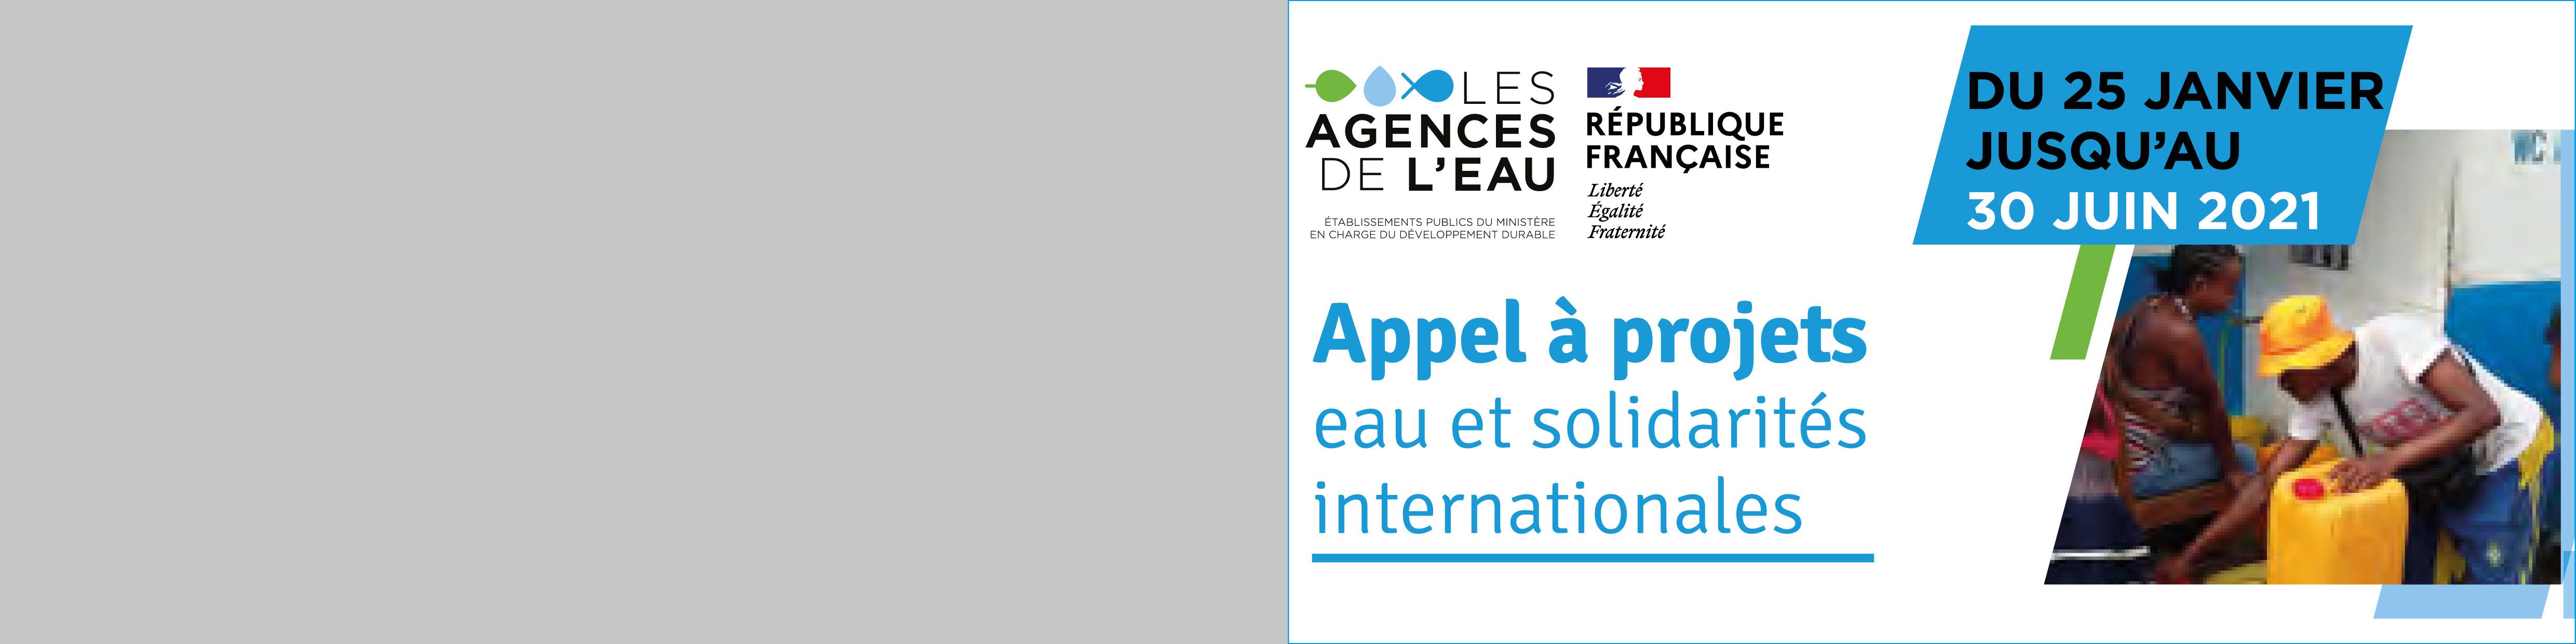 bandeau_aap_solidarites_internationales.jpg